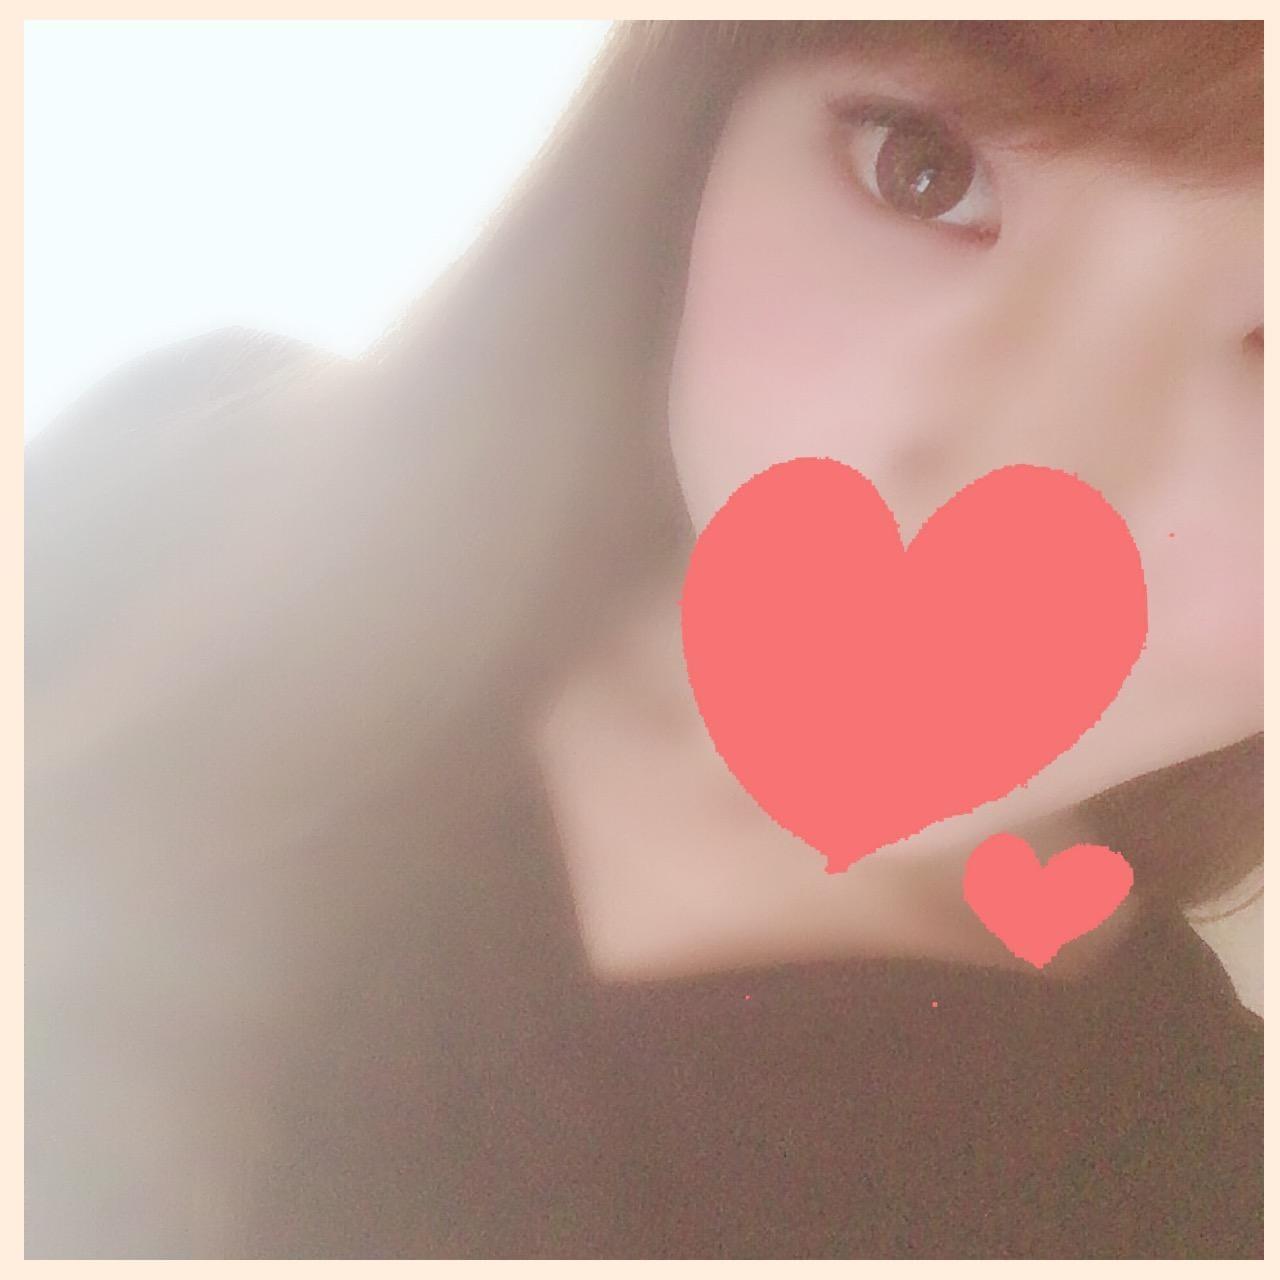 「こんにちは」10/28(10/28) 11:20 | 七瀬の写メ・風俗動画